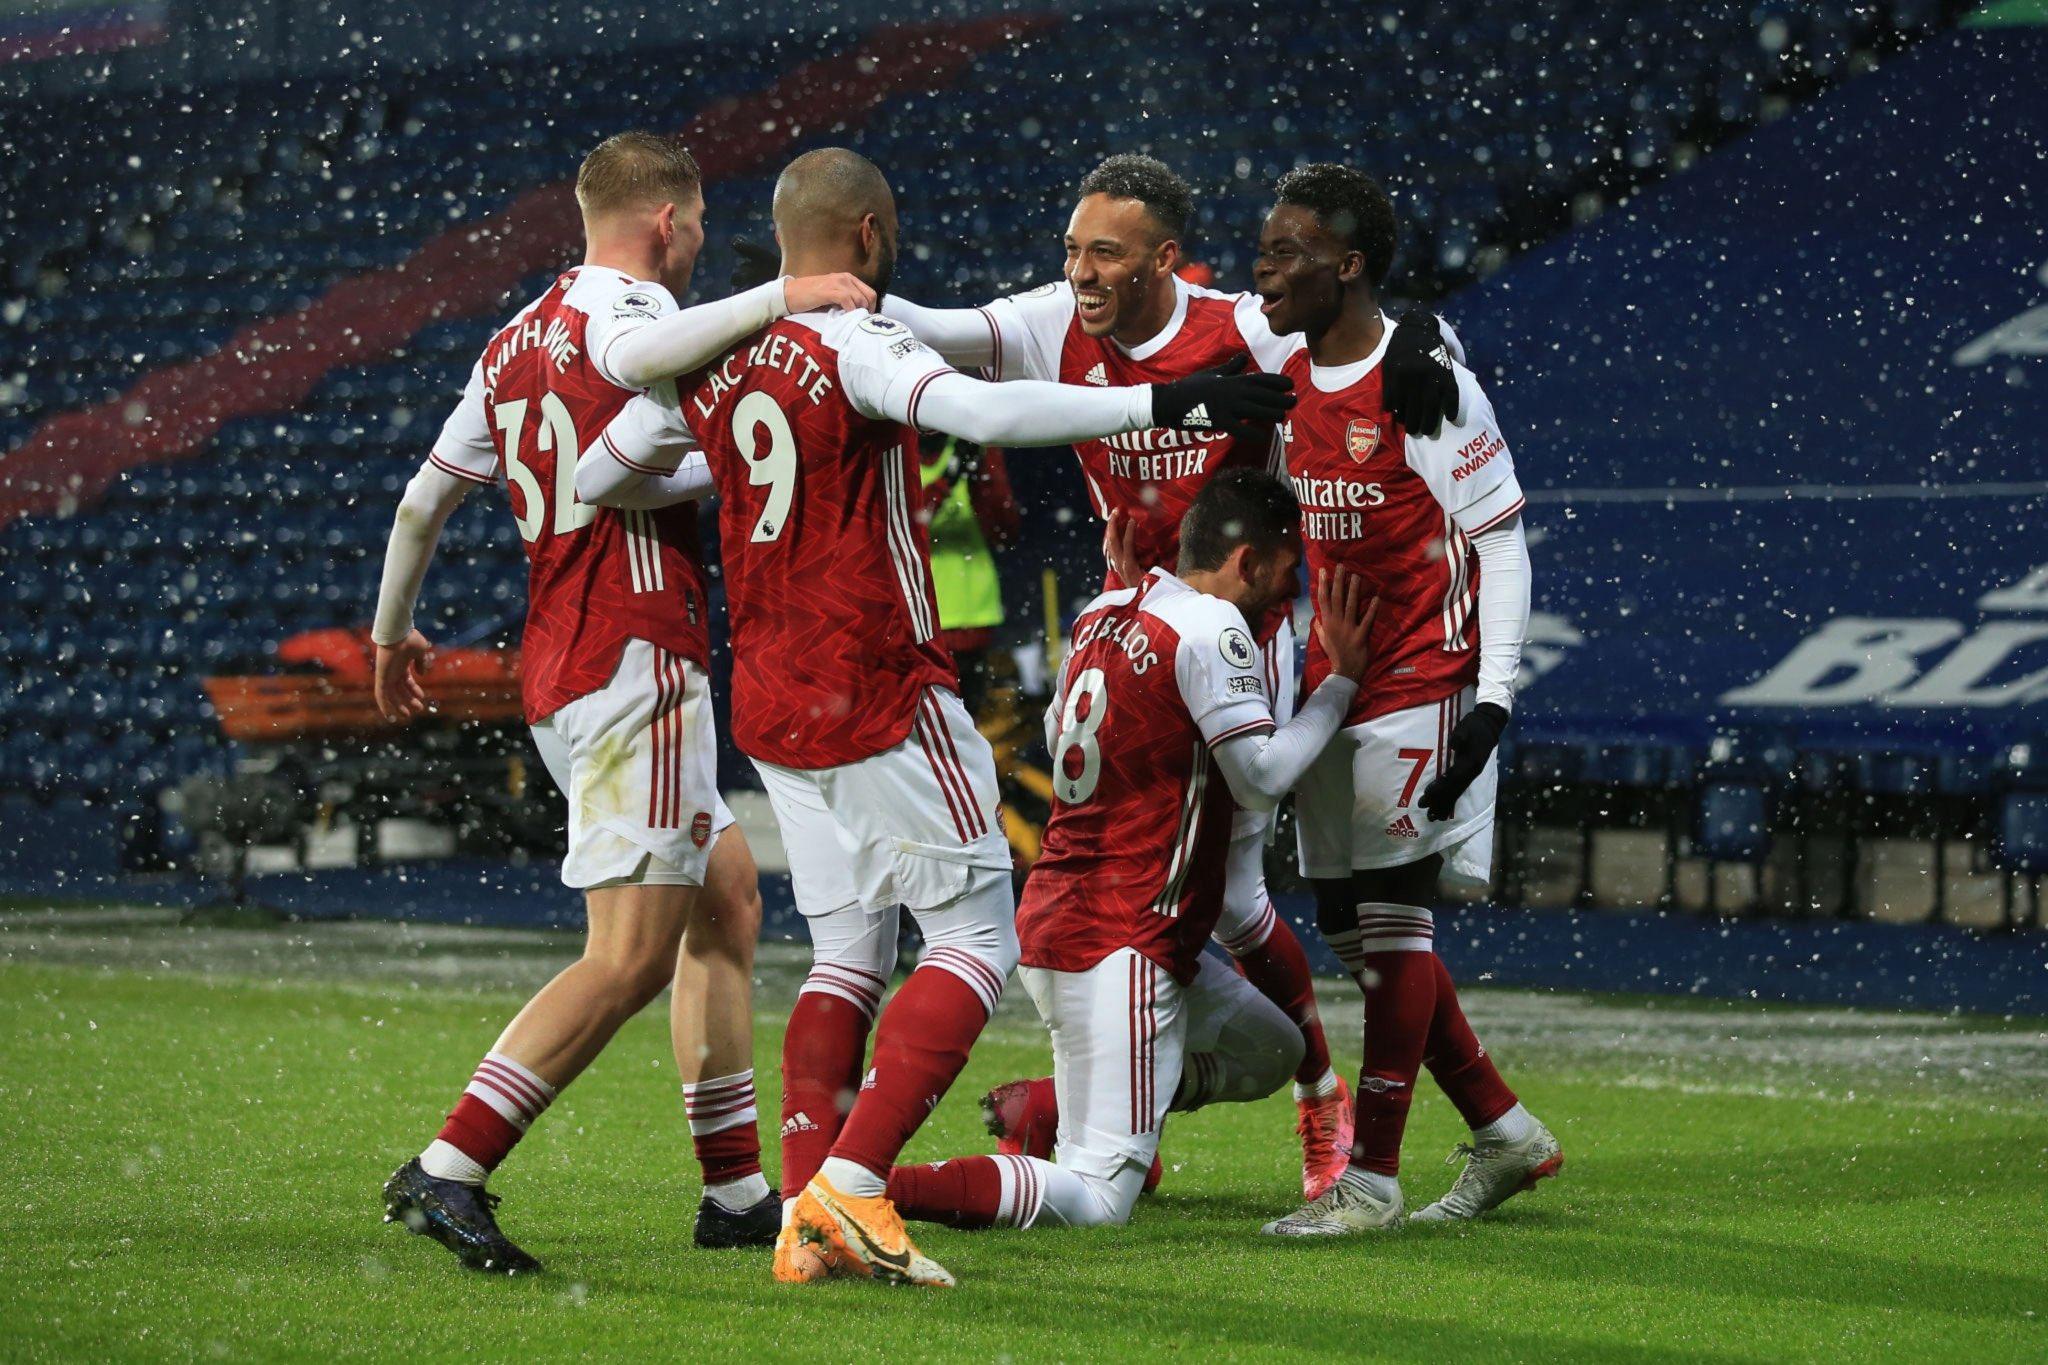 El Arsenal ganó bajo la caída de la nieve en West Brom